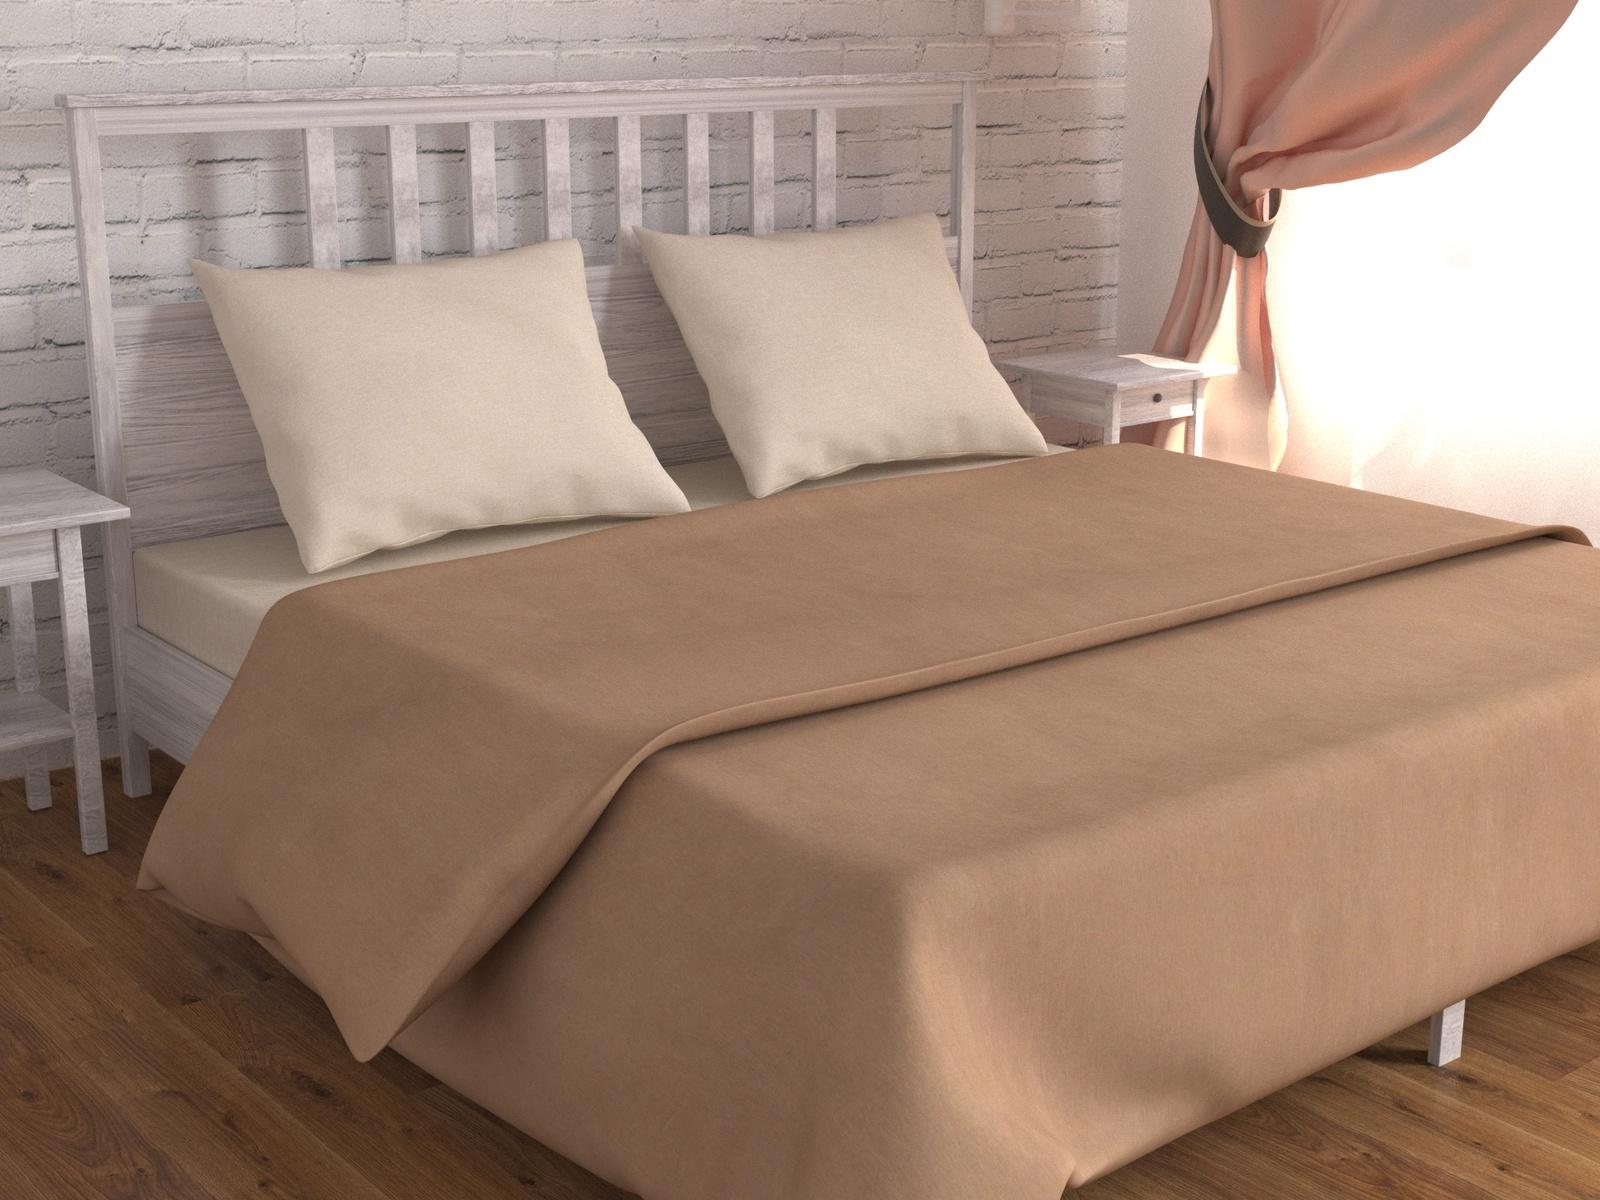 цена Постельное белье Зона сна молочный,коричневый 193-KPB50EvR-ZS Евро онлайн в 2017 году